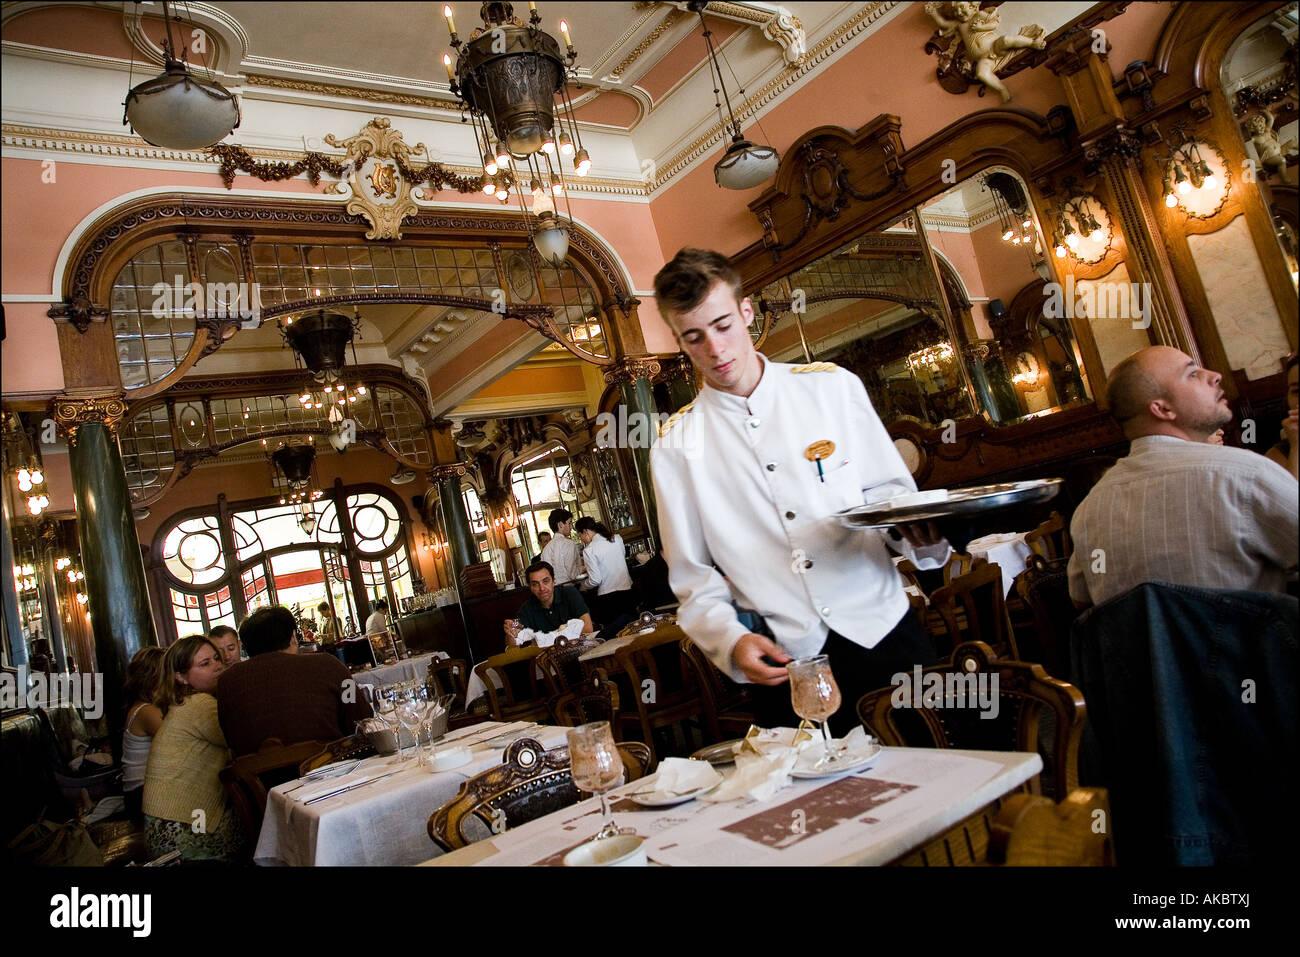 Il Majestic Café - Porto (Portogallo) Immagini Stock